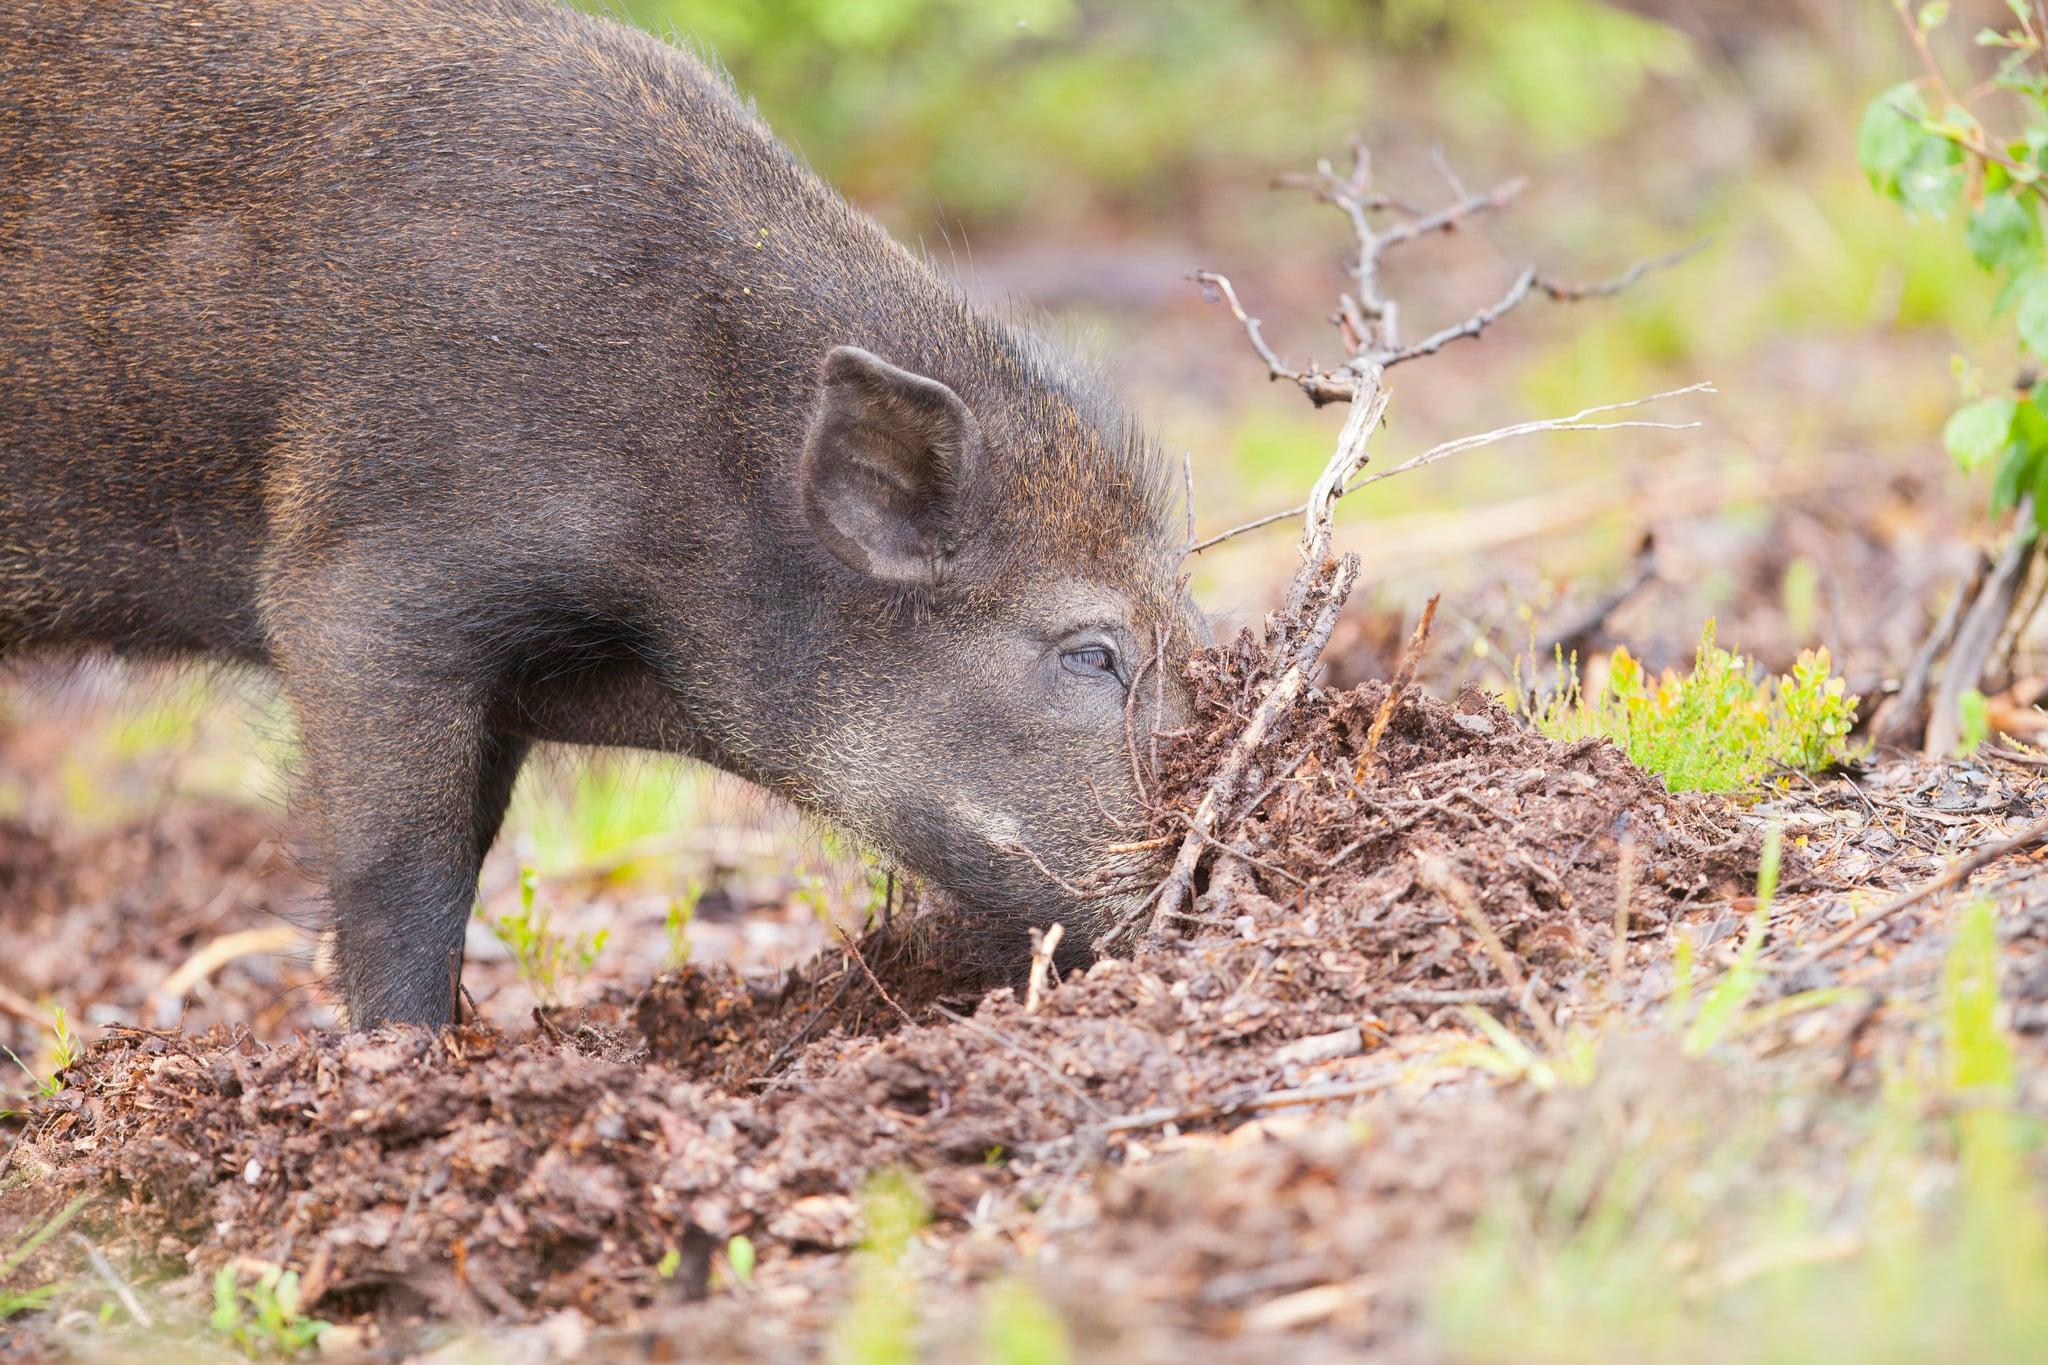 Kött från vildsvin kan innehålla parasiten toxoplasma. Det bör därför alltid ätas väl tillagat och aldrig rått. Foto: Kjell-Erik Moseid